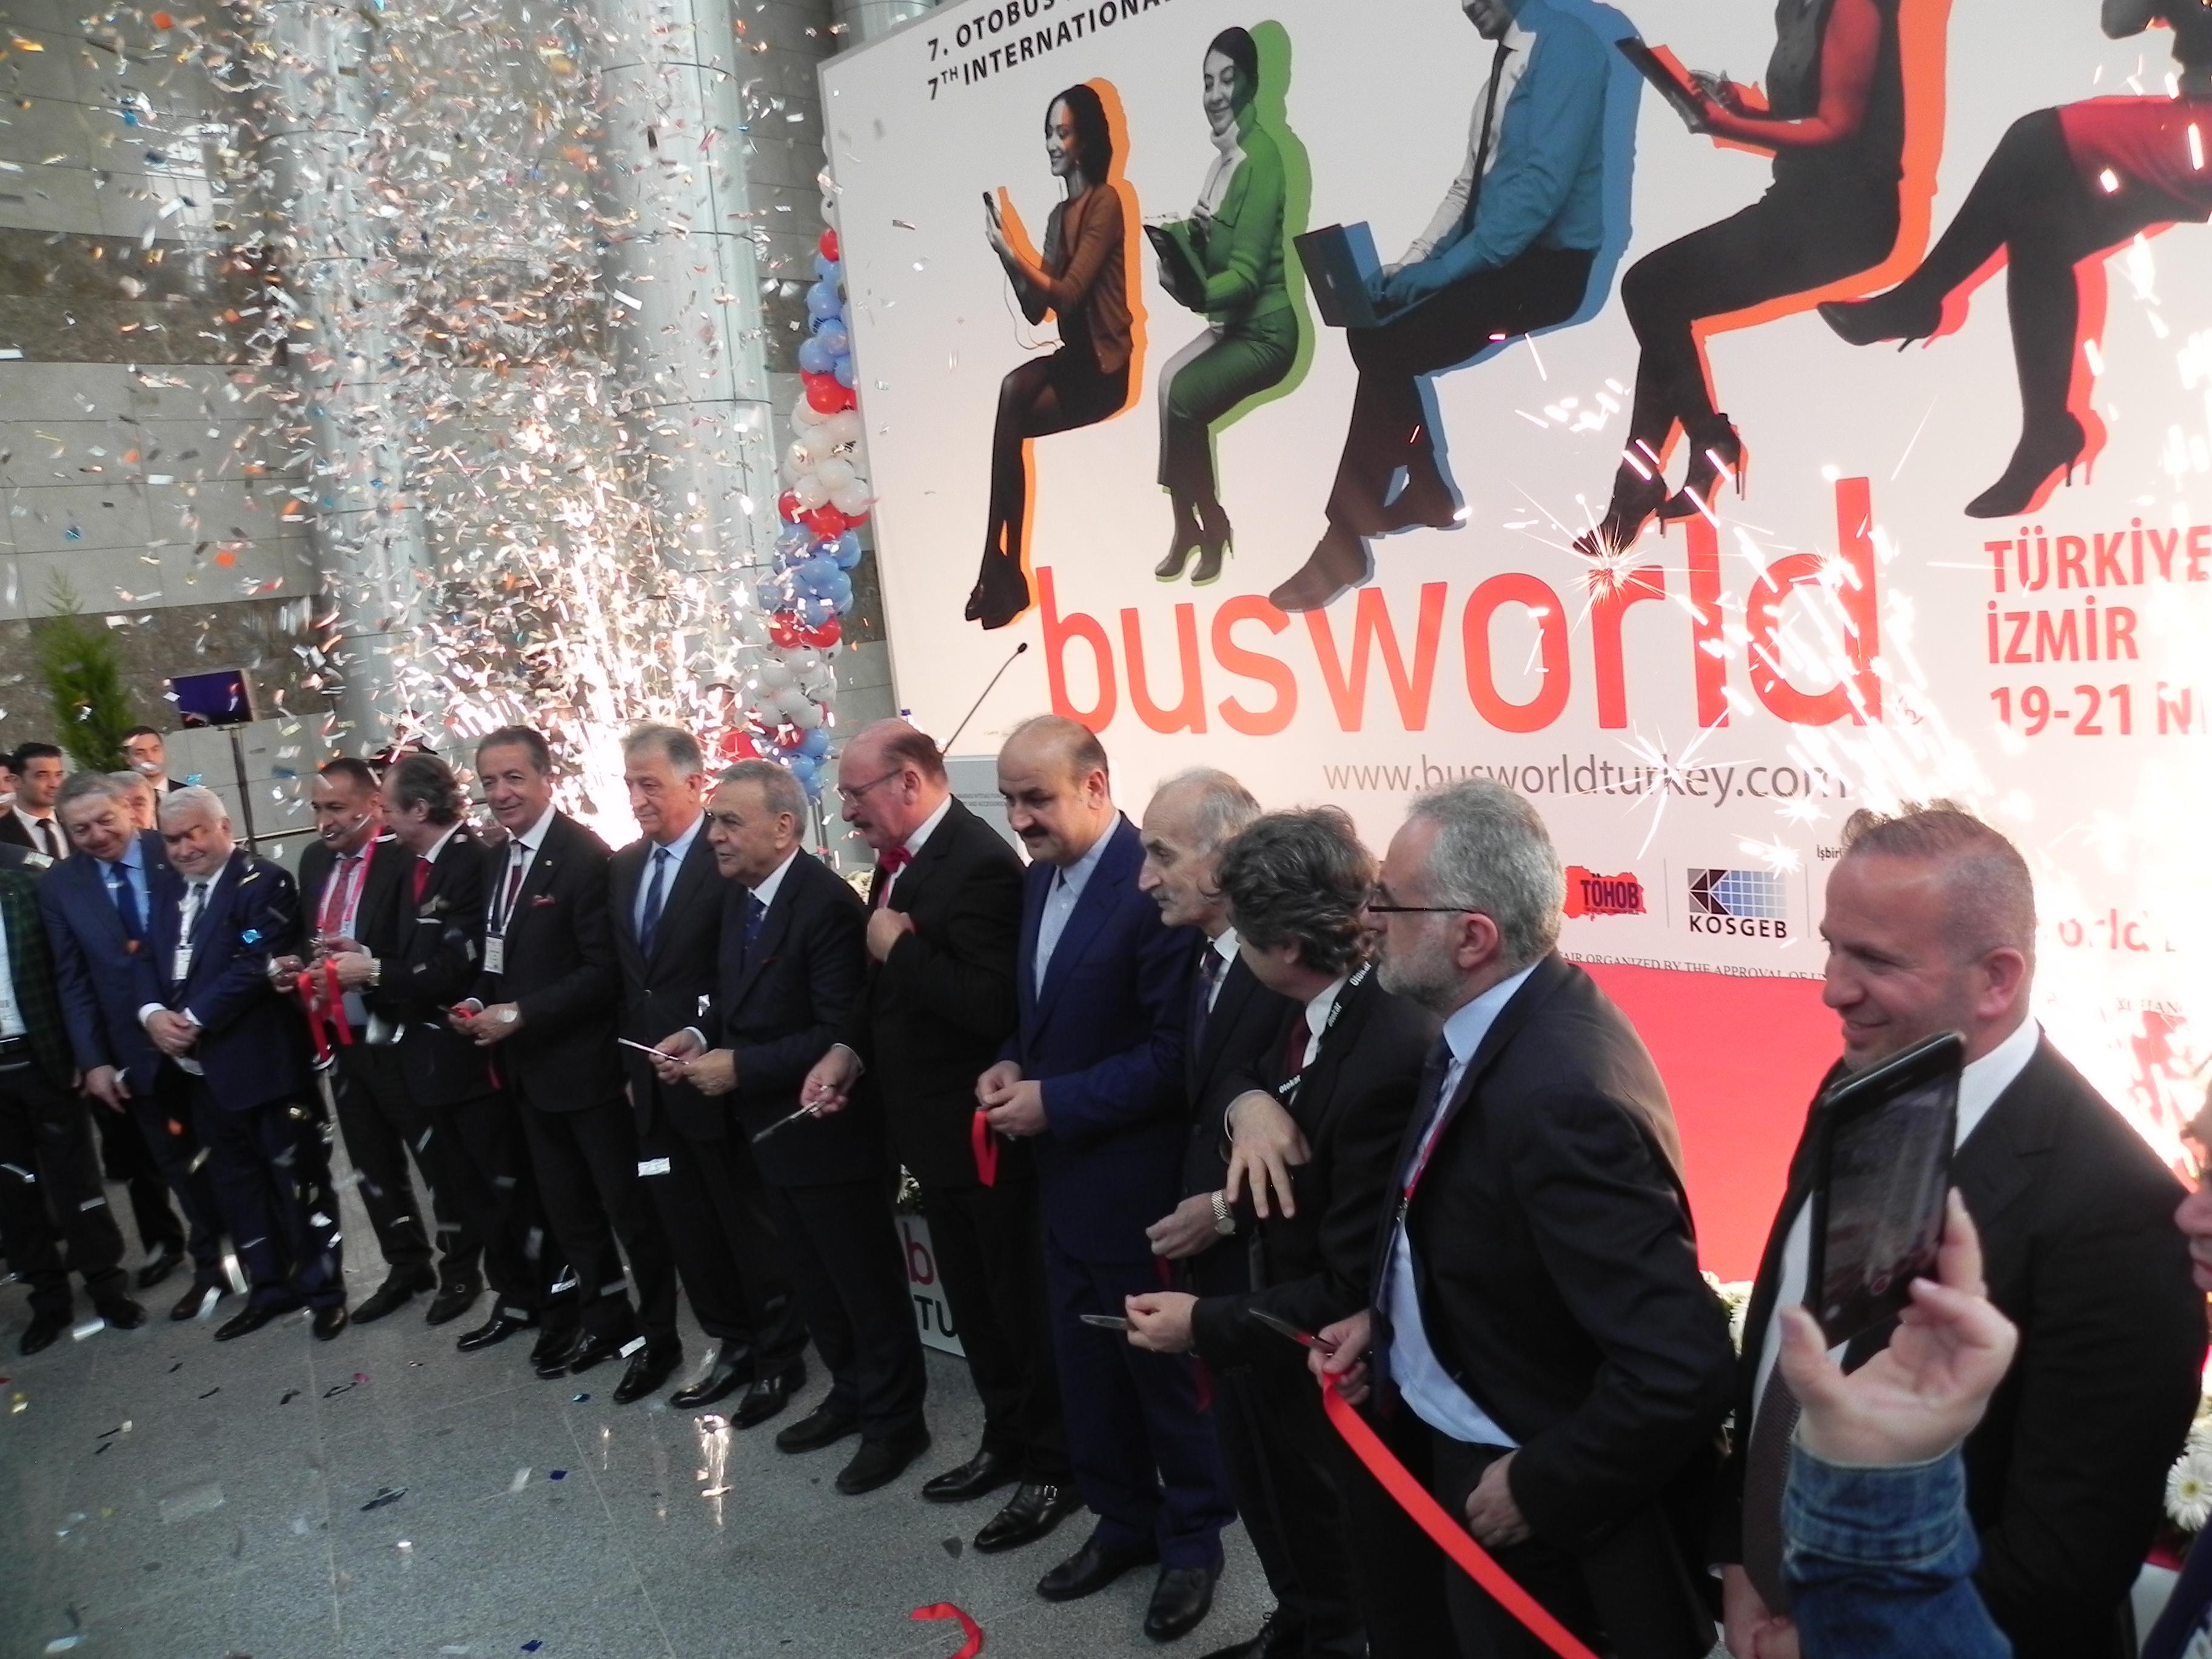 Busworld Turkey се връща към корените си в Истанбул